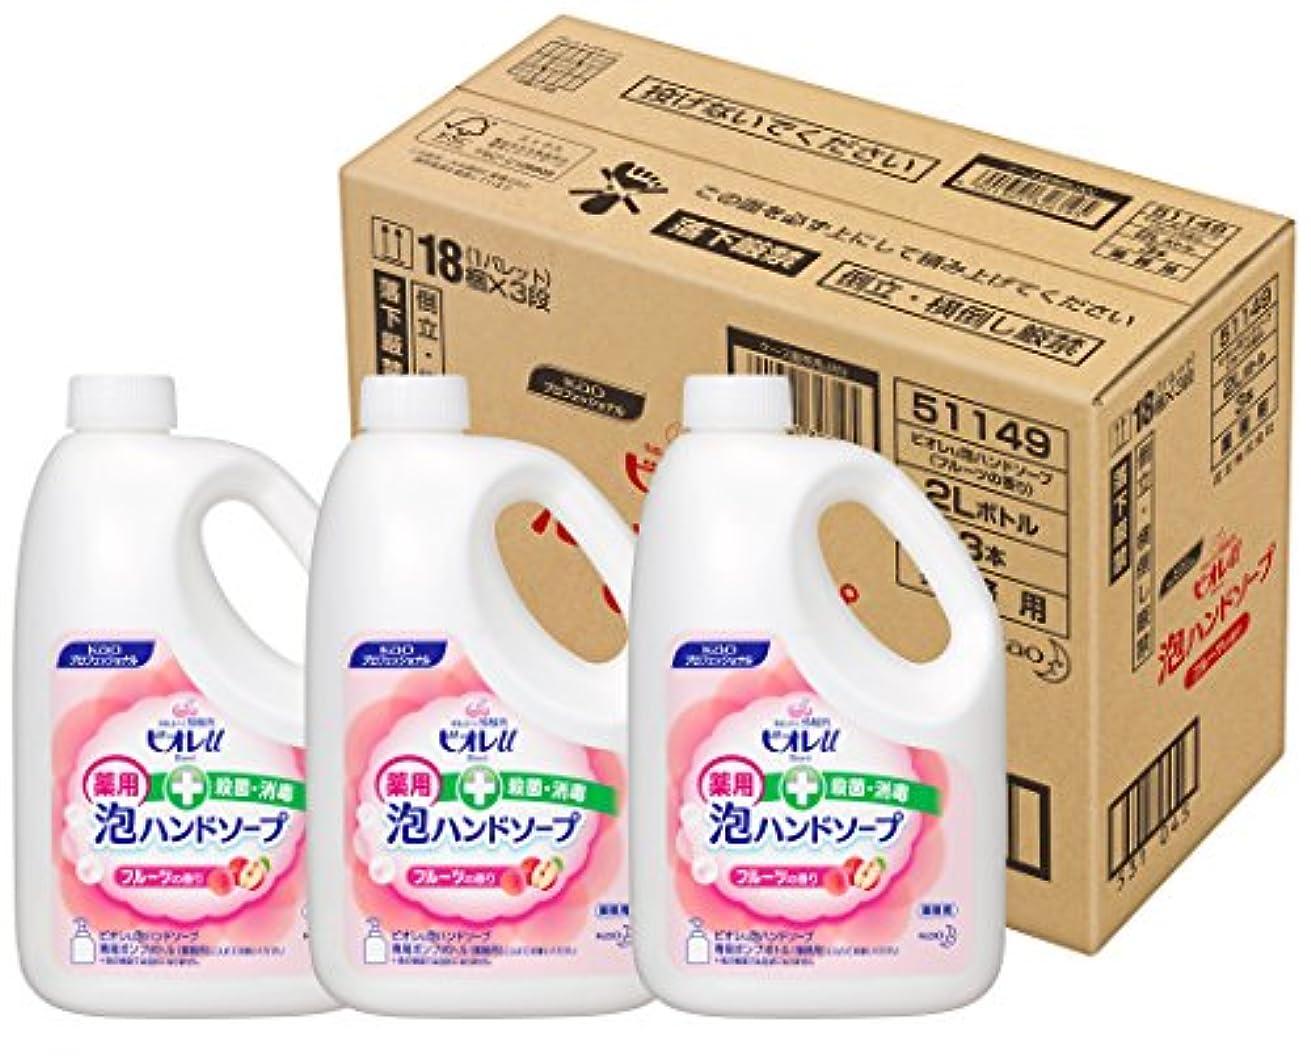 中古なしでうつ【ケース販売 業務用 泡ハンドソープ】ビオレu 泡ハンドソープ フルーツの香り 2L×3(プロフェッショナルシリーズ)